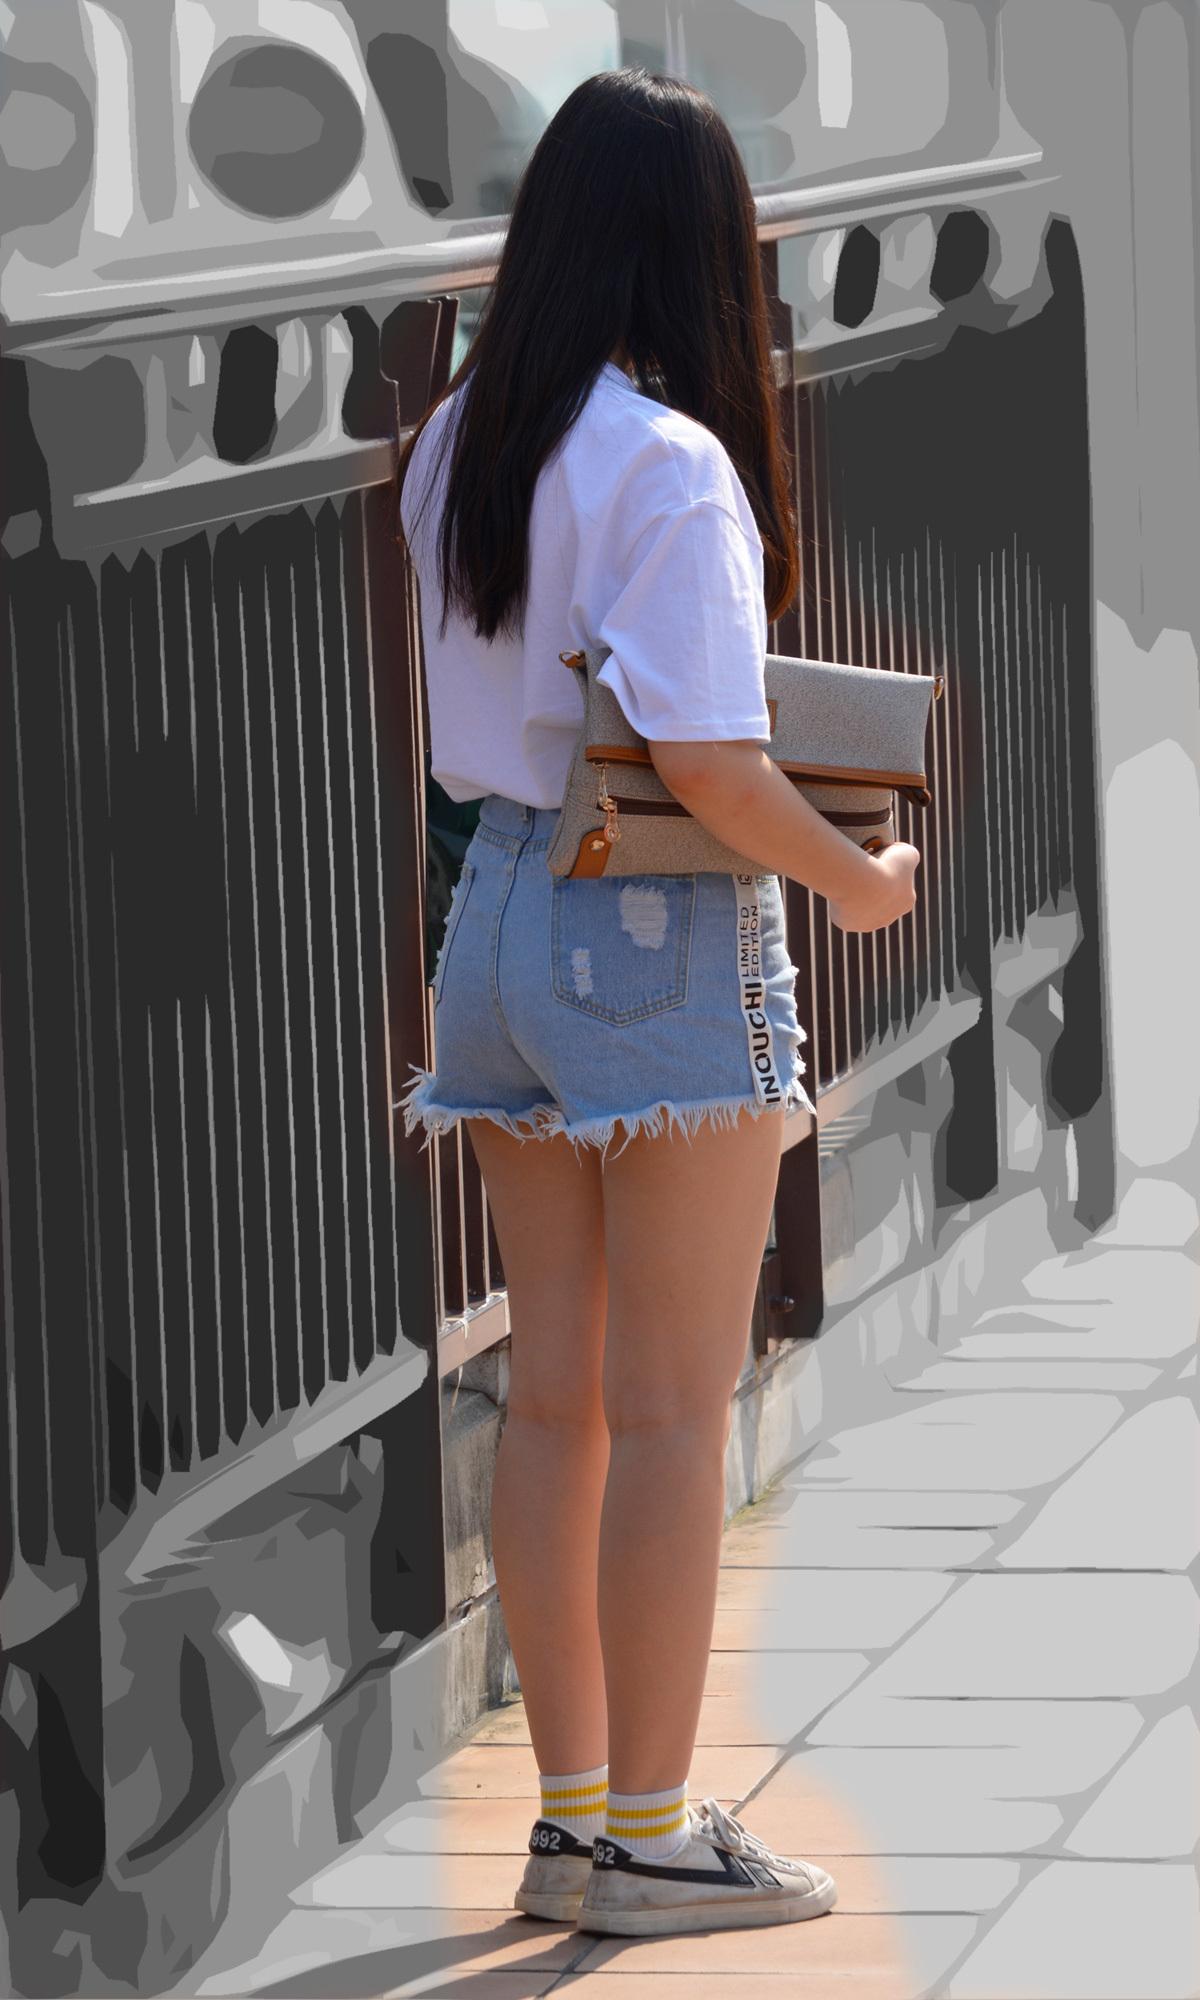 【美脚エロ画像】生のムッチリ美脚で履くのが一番の理想なショーパン女子たち!